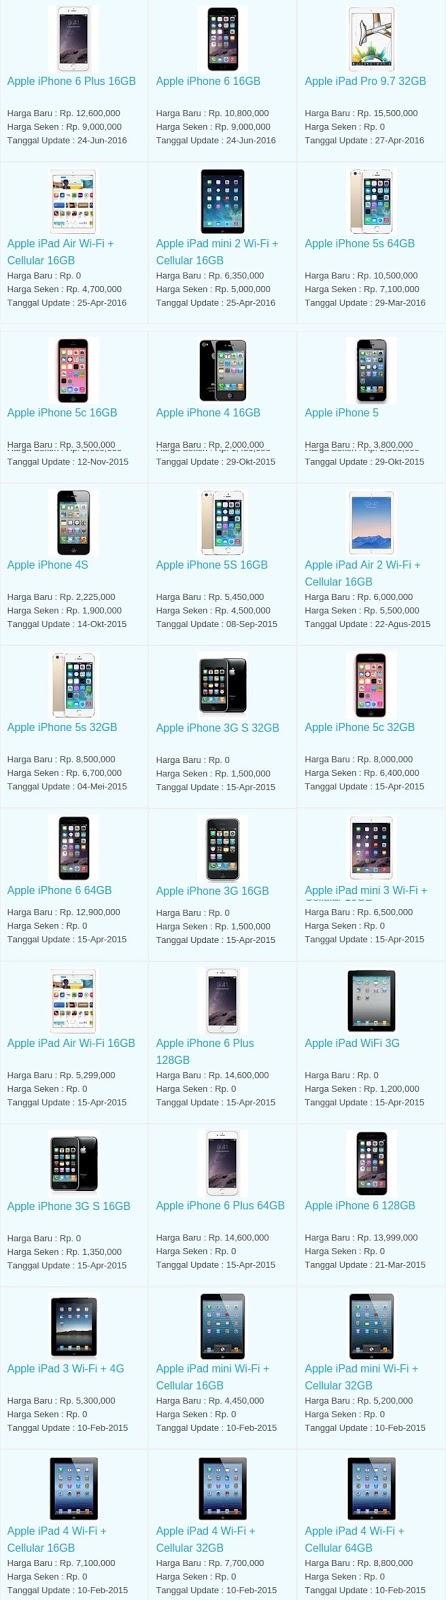 Daftar Harga Hp Terbaru Apple Juli 2016